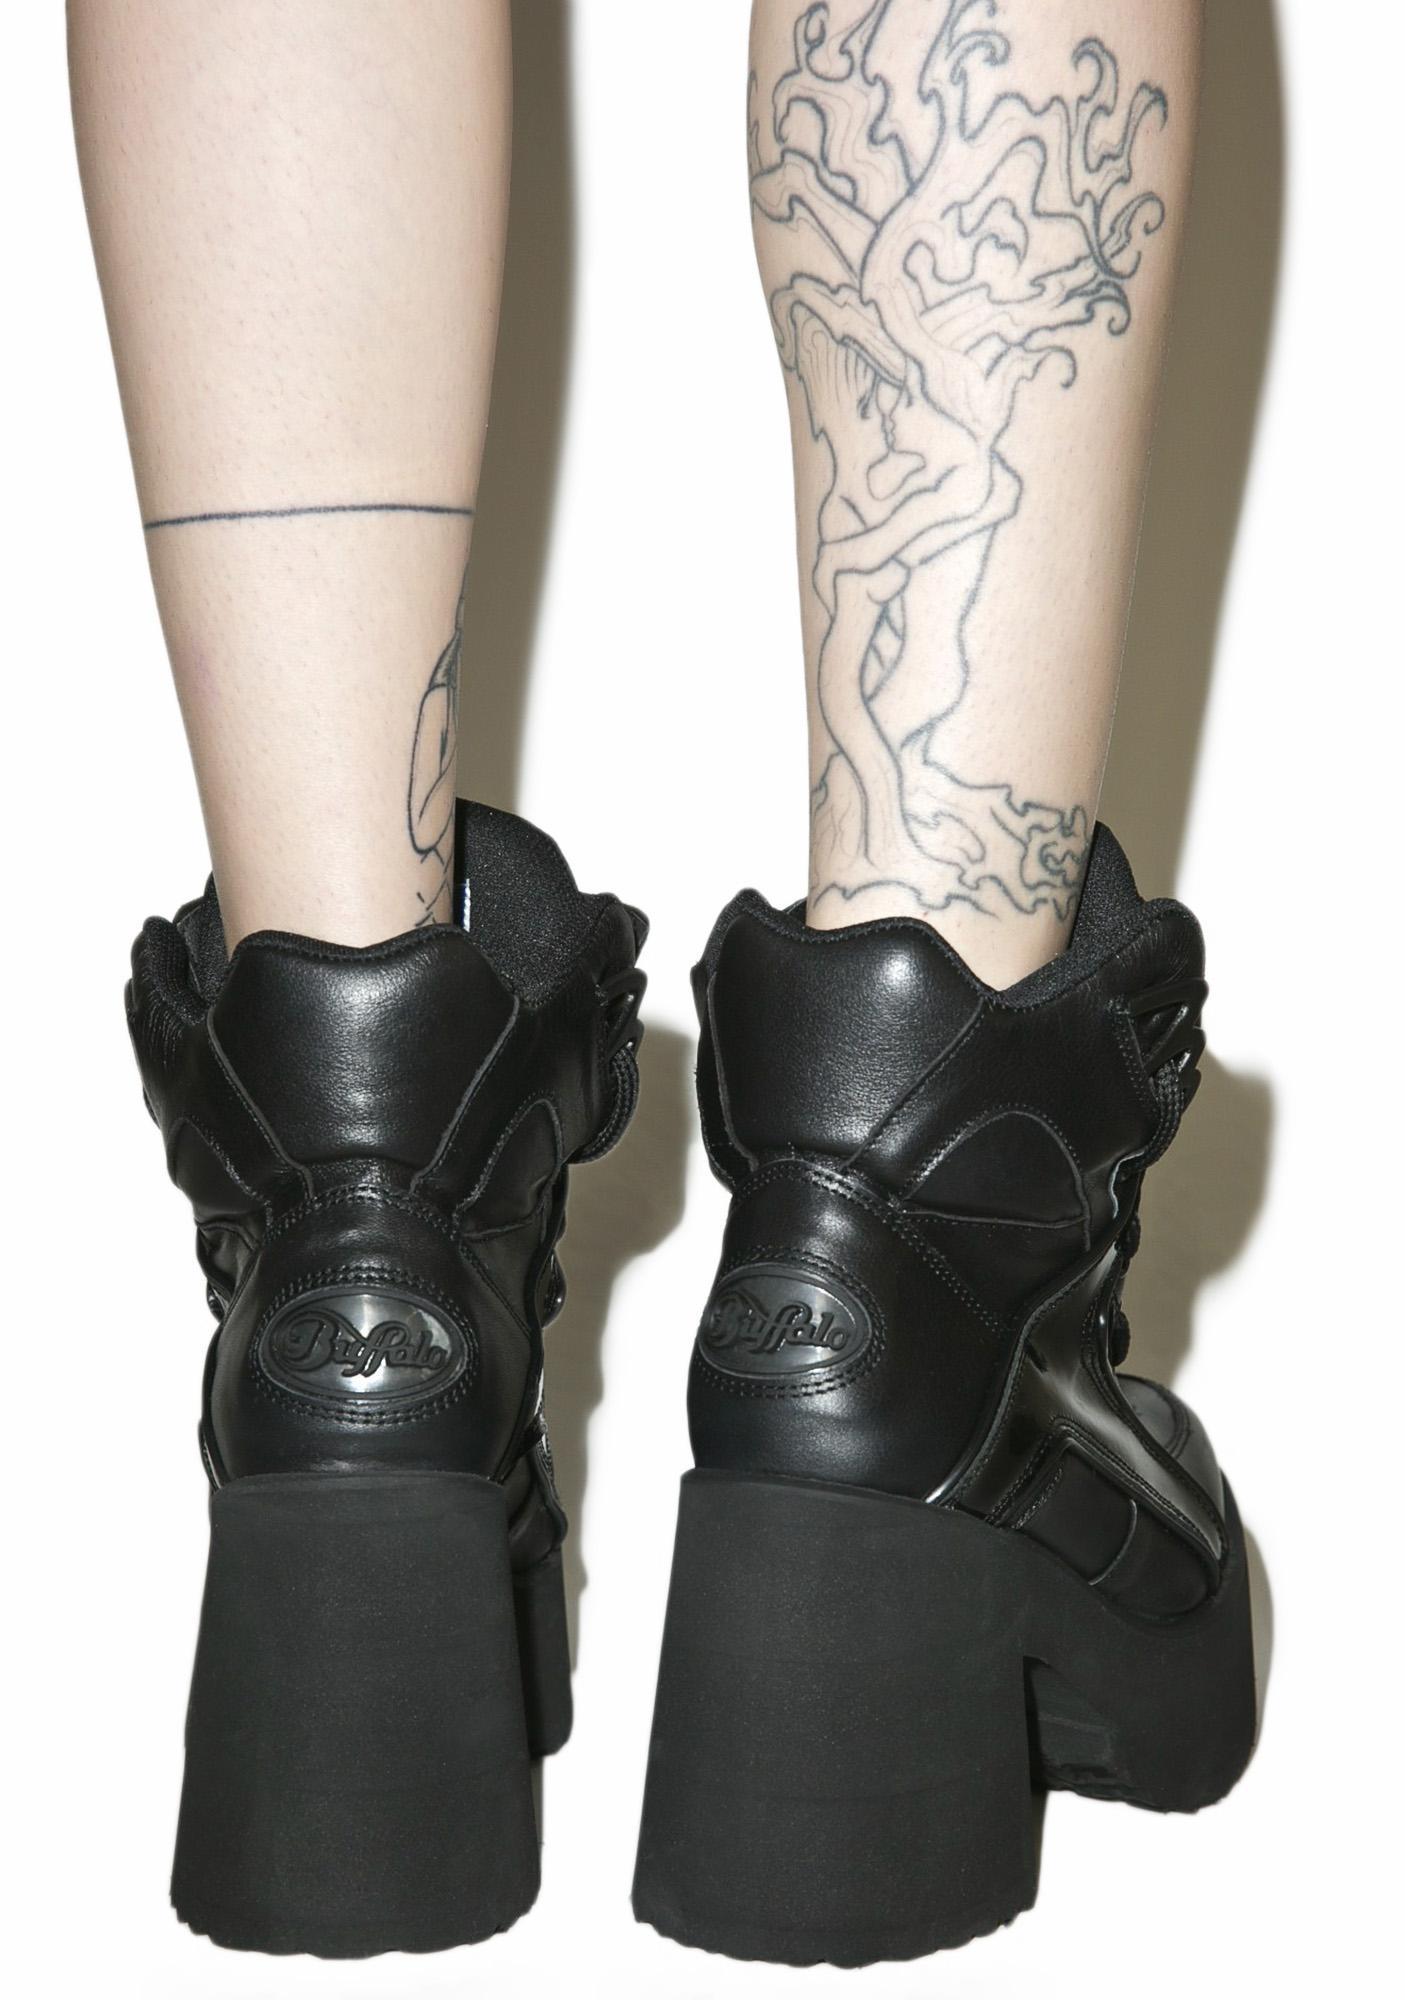 Buffalo HBIC Boots